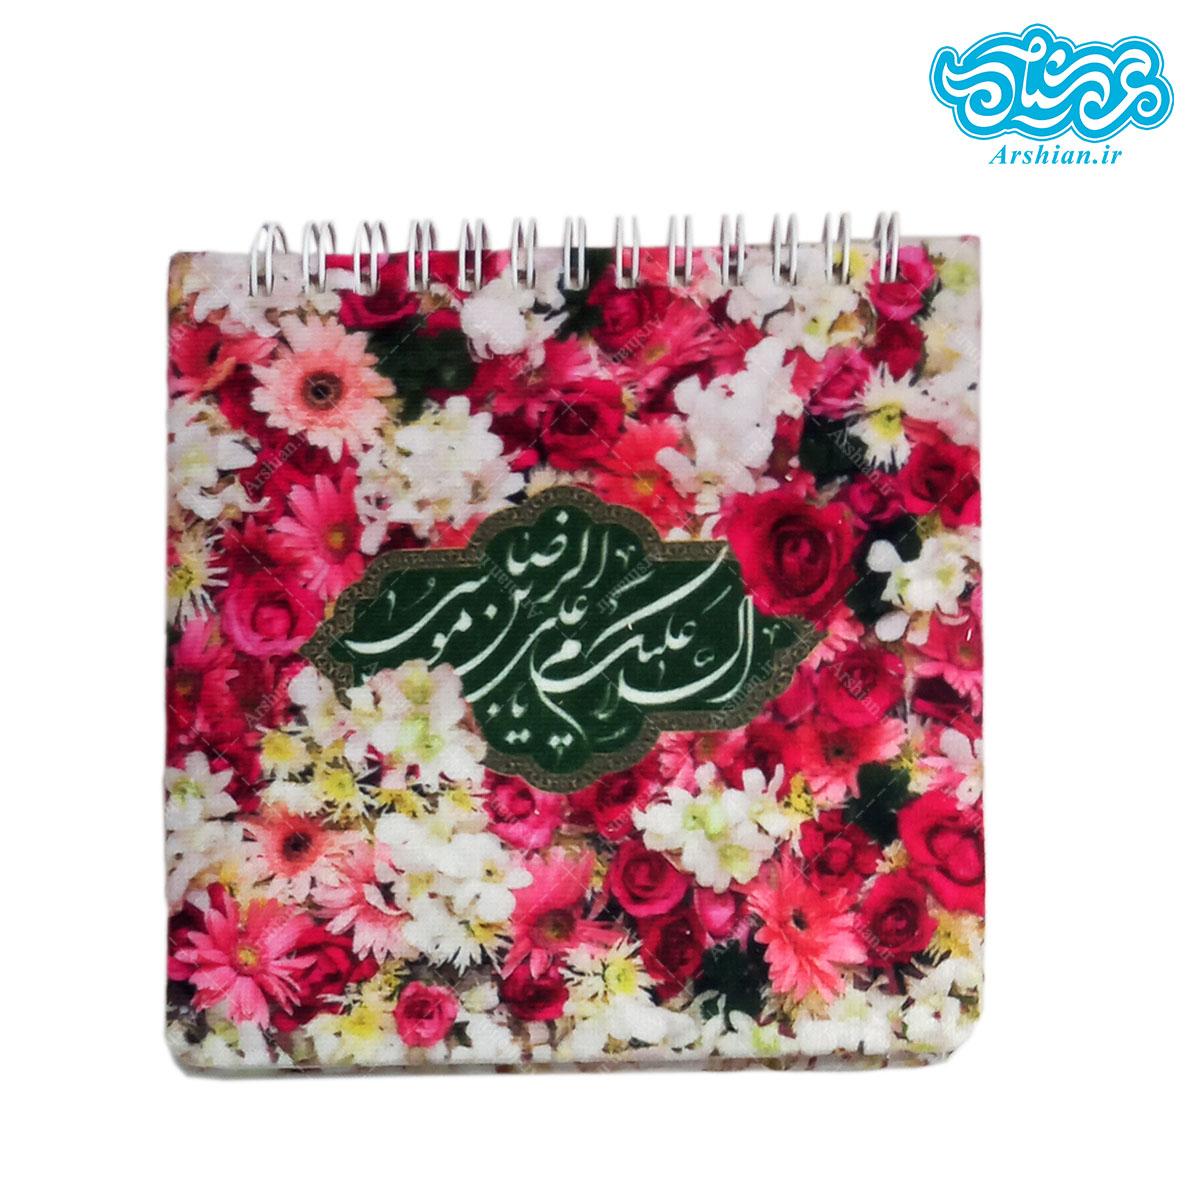 دفترچه یادداشت طرح السلام علیک یا علی بن موسی الرضاکد004